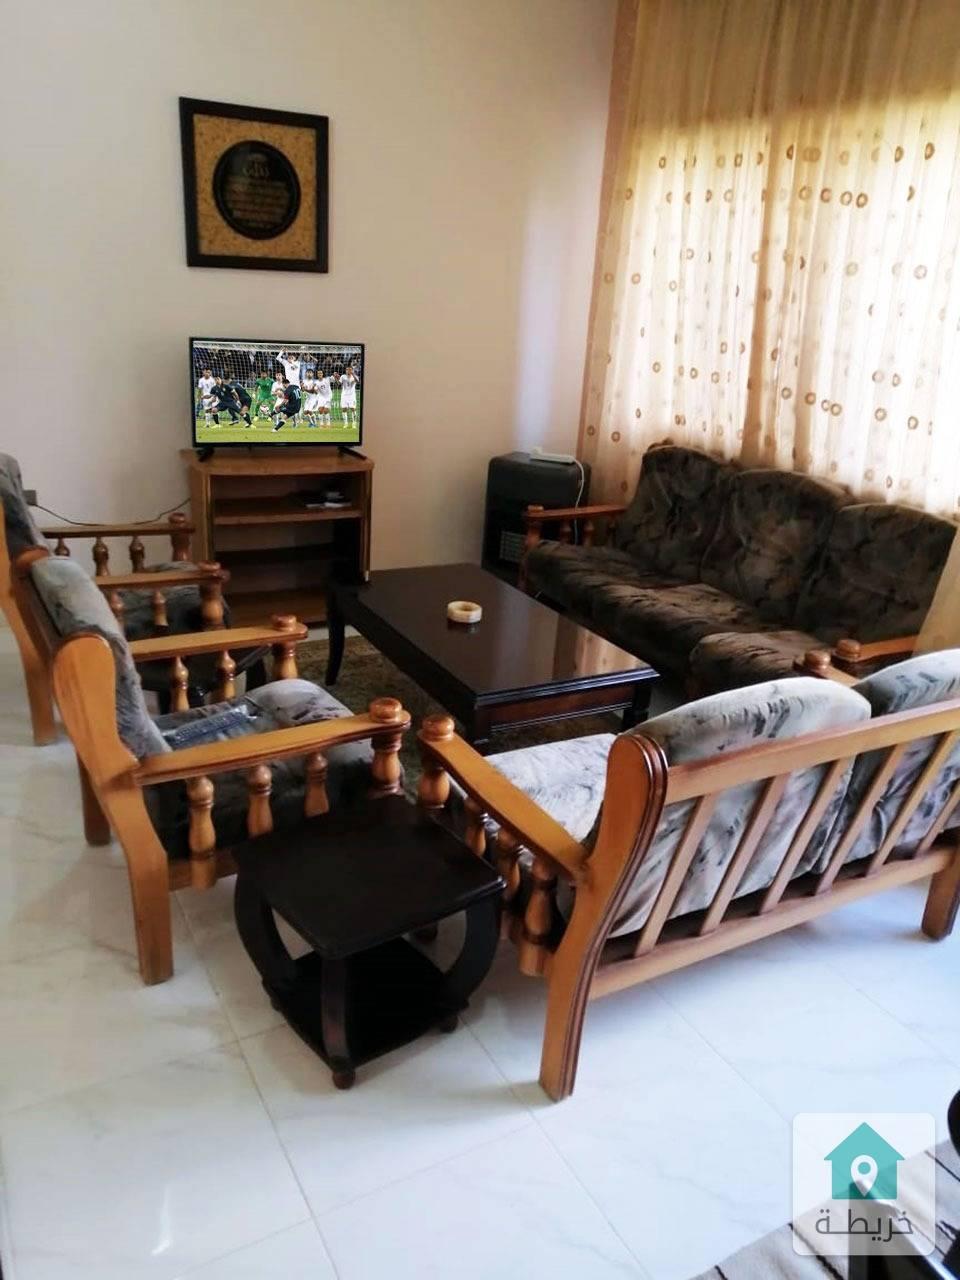 شقة مفروشه  للإيجار  عمان الأردن  Furnished apartment for rent Amman Jordan